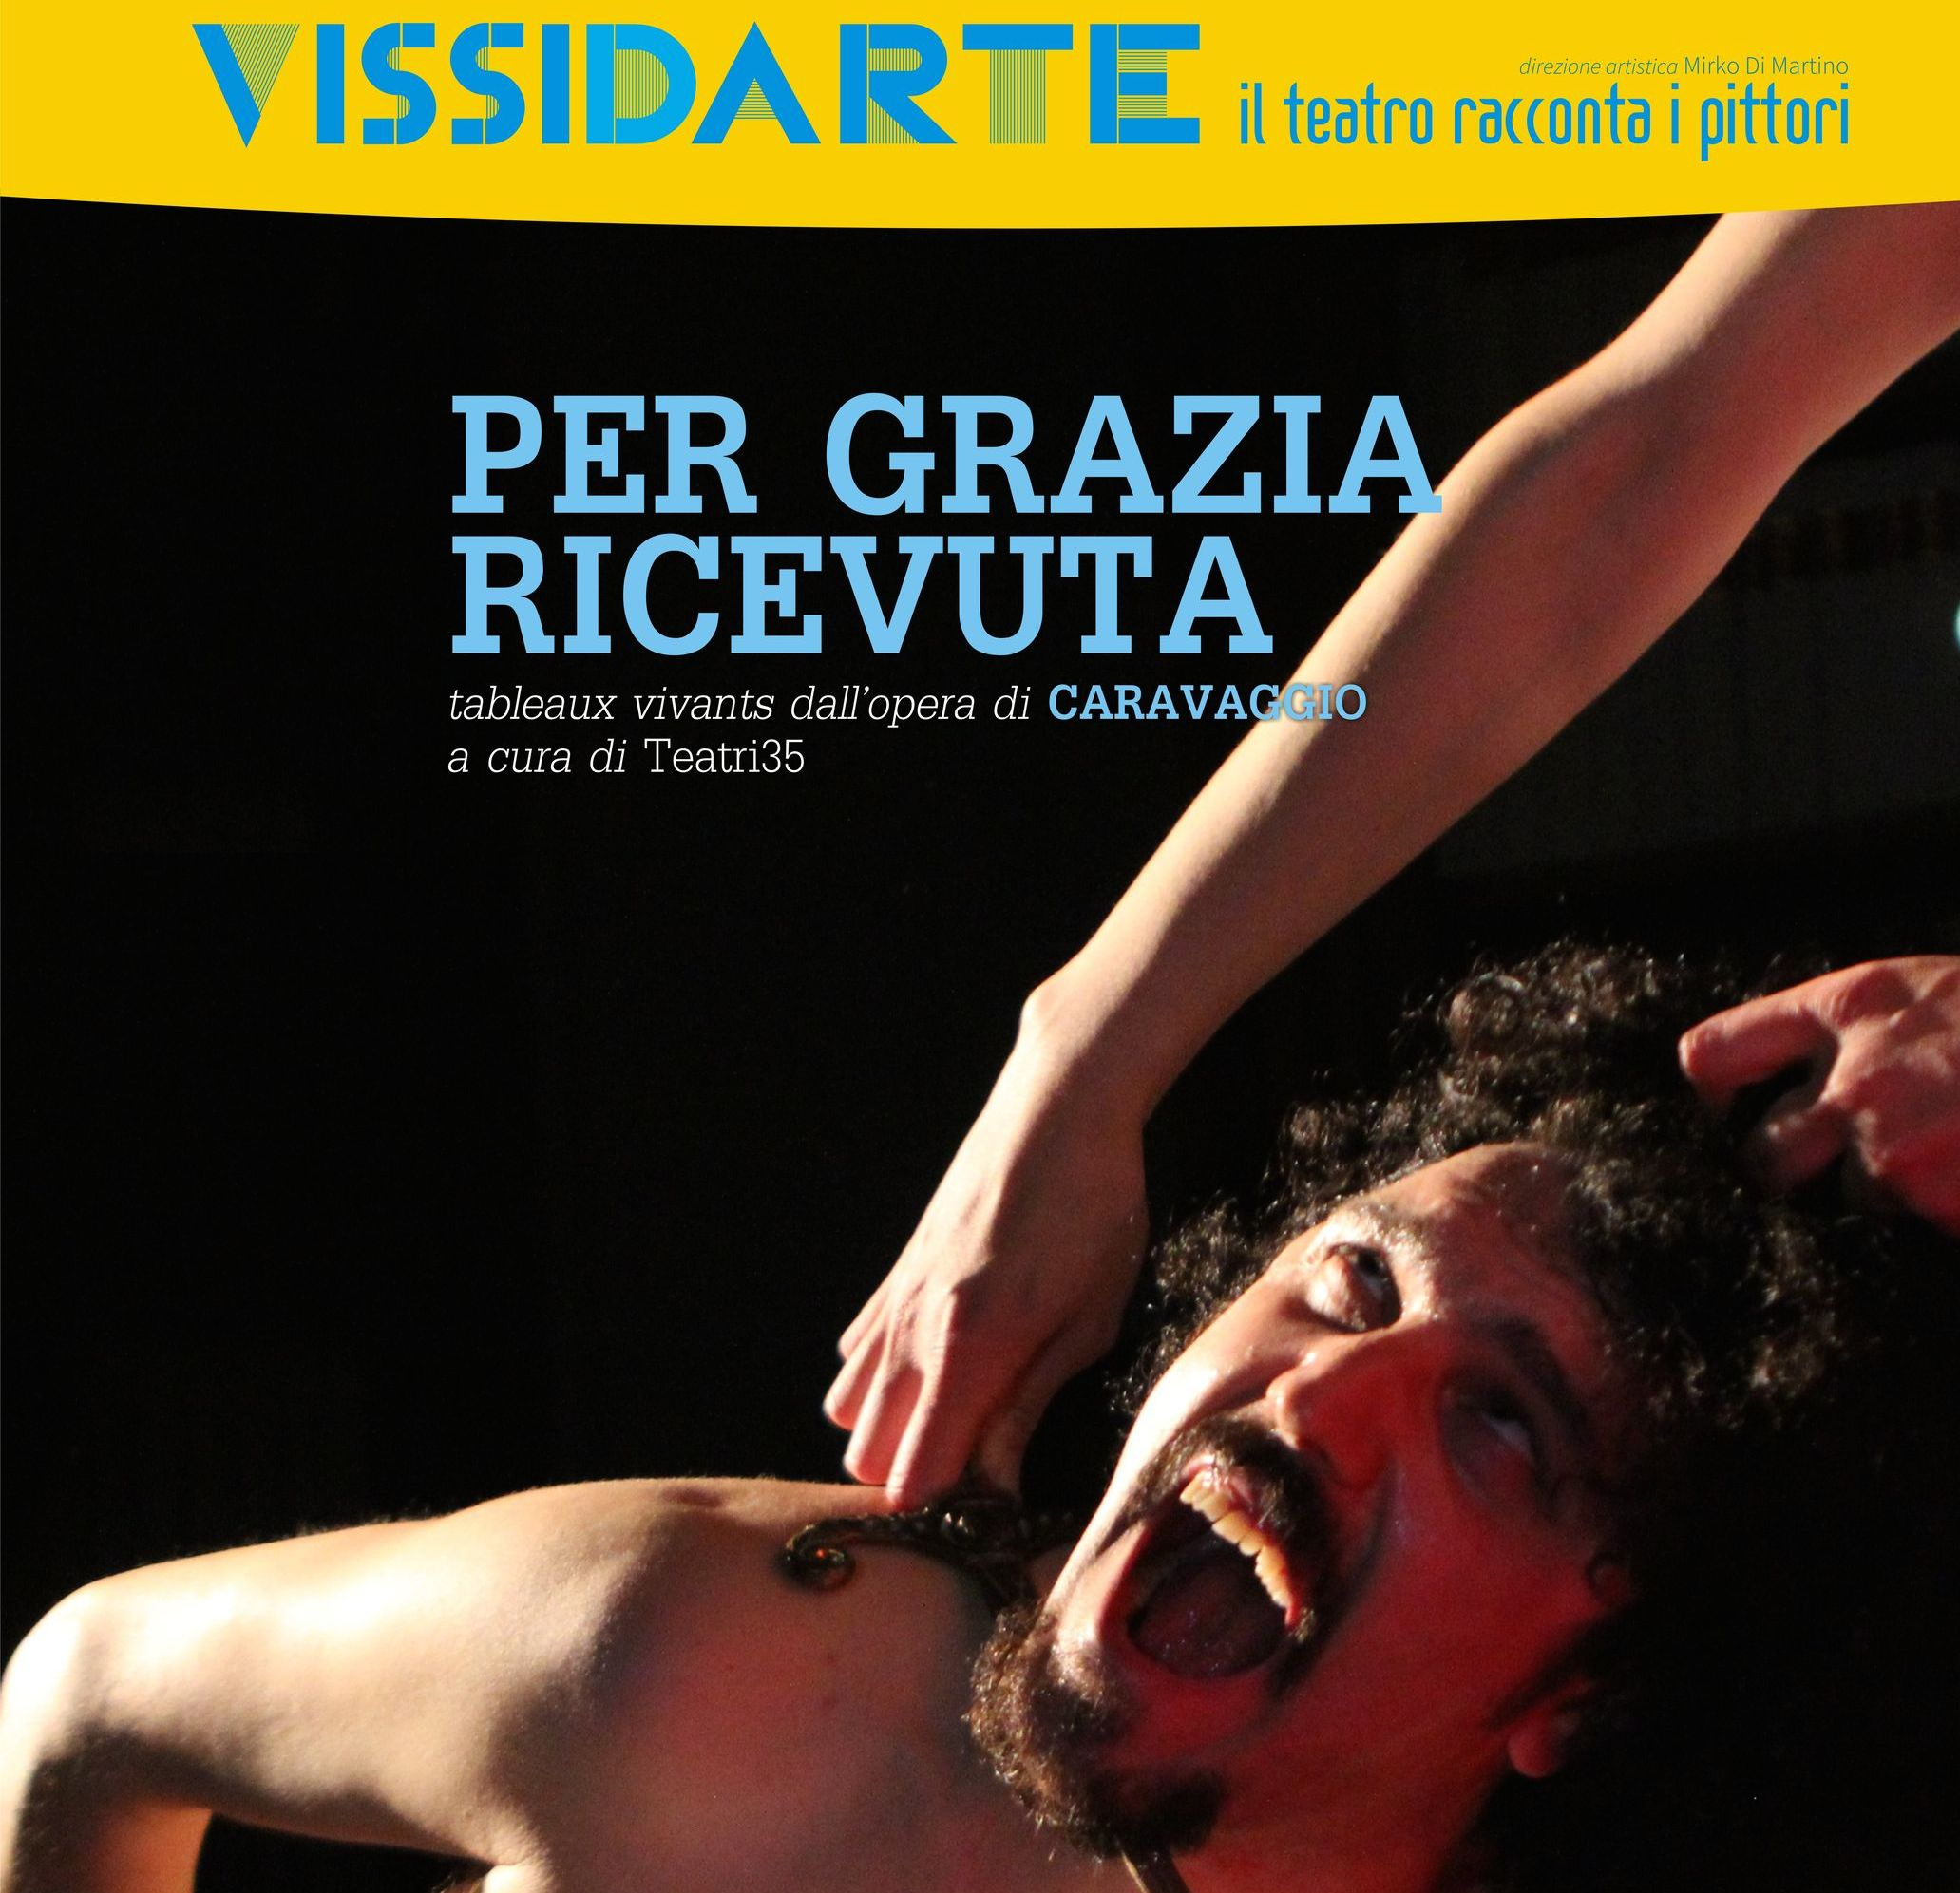 2015.09.10 - La vita del Caravaggio raccontata a teatro in Per grazia ricevuta